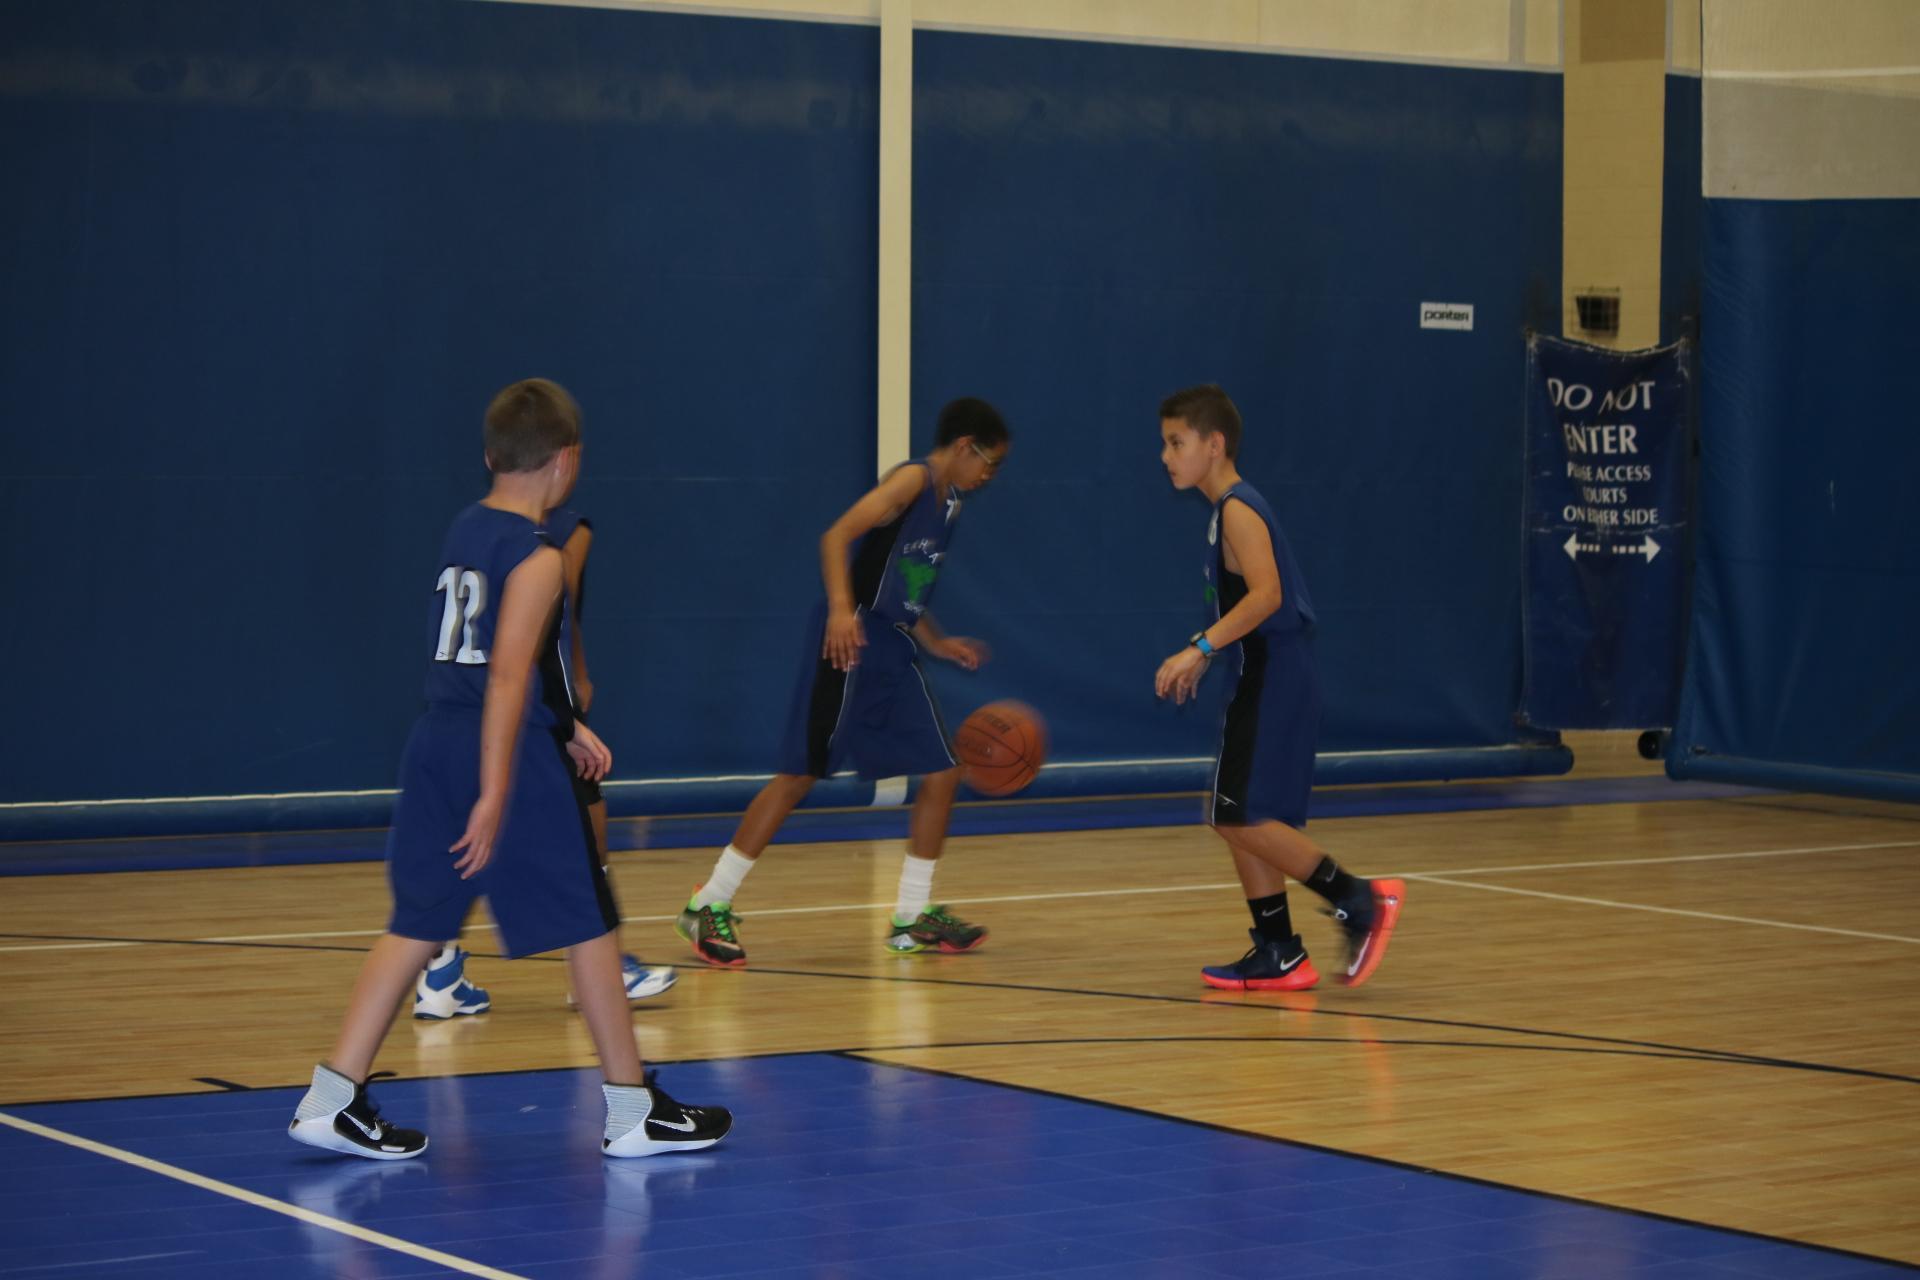 boys dribbling at basketball game